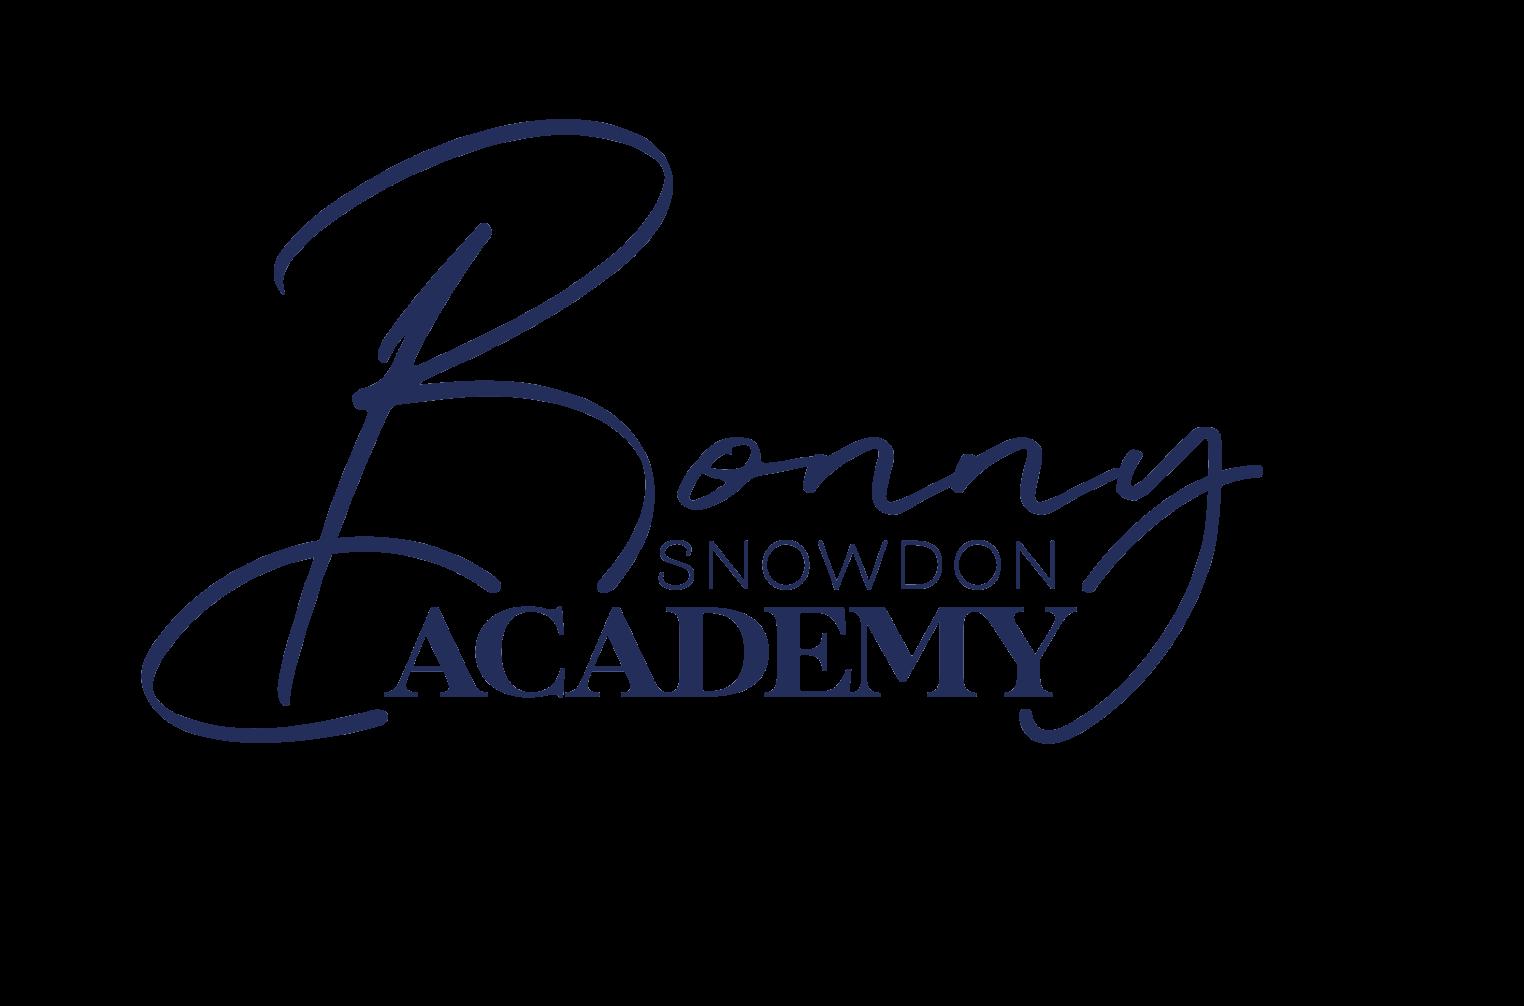 Bonny Snowdon Academy